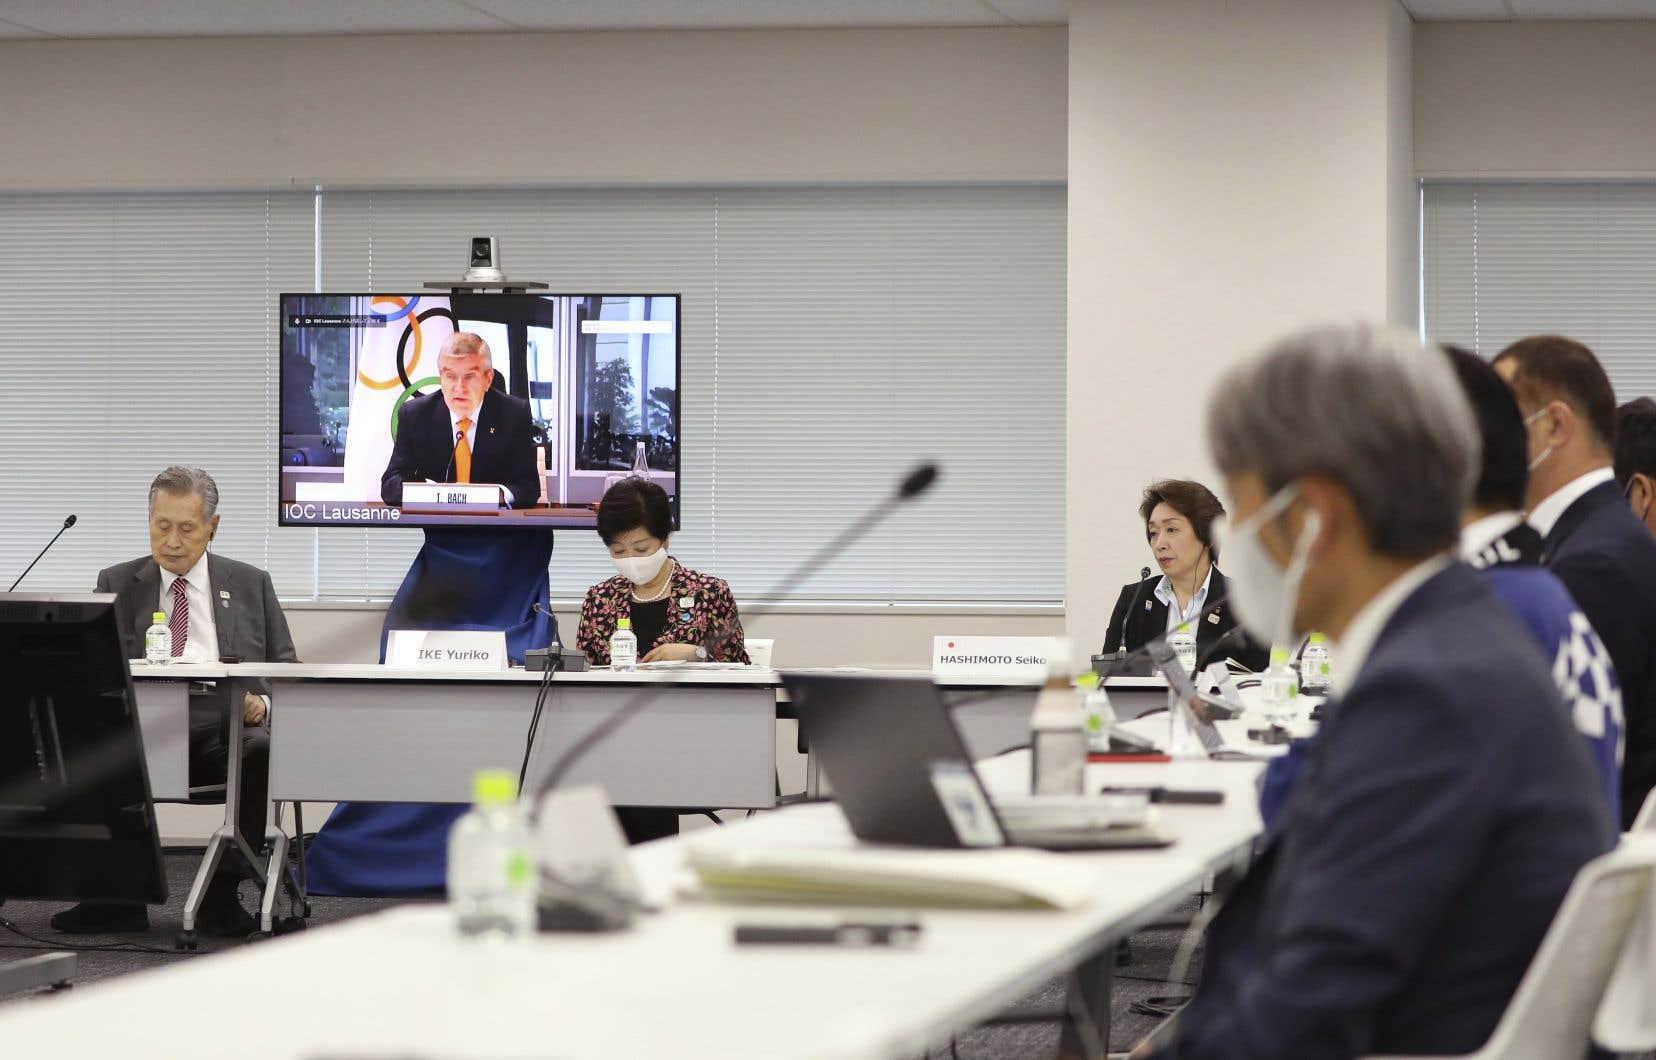 Bach a ajouté que le CIO est en contact avec l'Organisation mondiale de la santé, des experts de la santé et certaines entreprises pharmaceutiques.